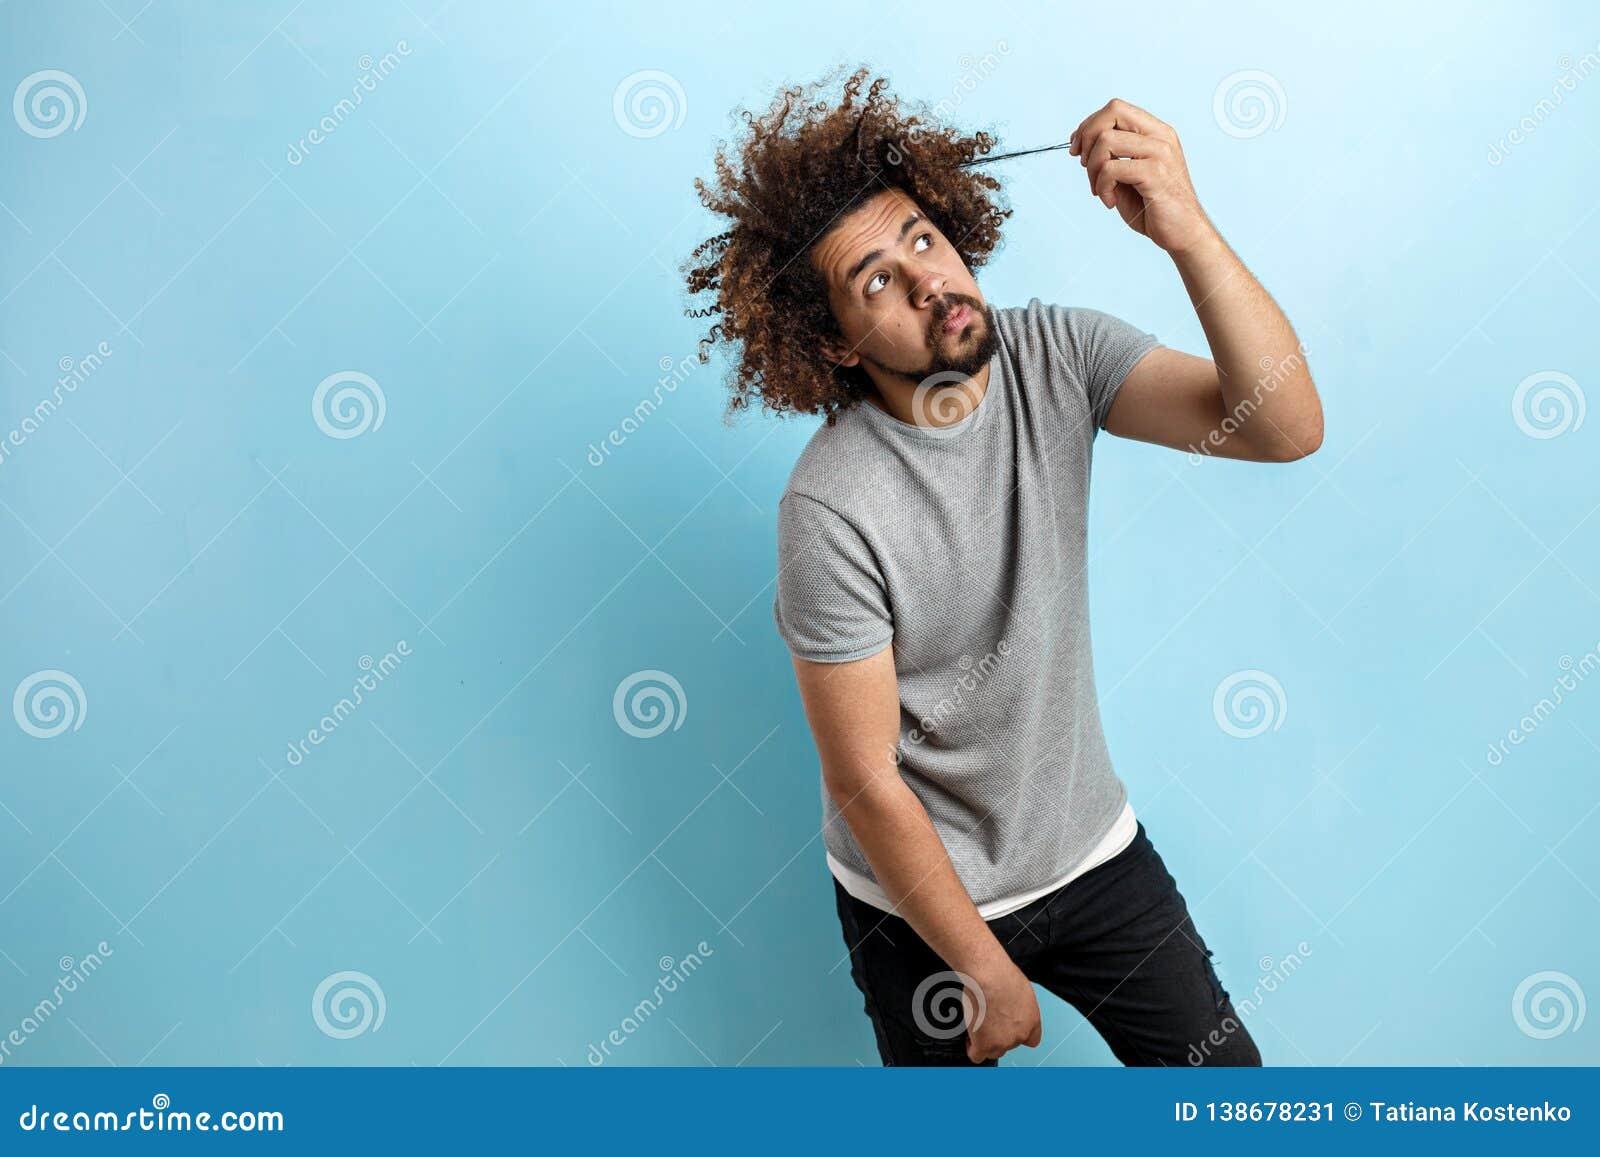 Un homme bel aux cheveux frisés utilisant un T-shirt gris se tient avec un regard et un contact réfléchis et concentrés ses